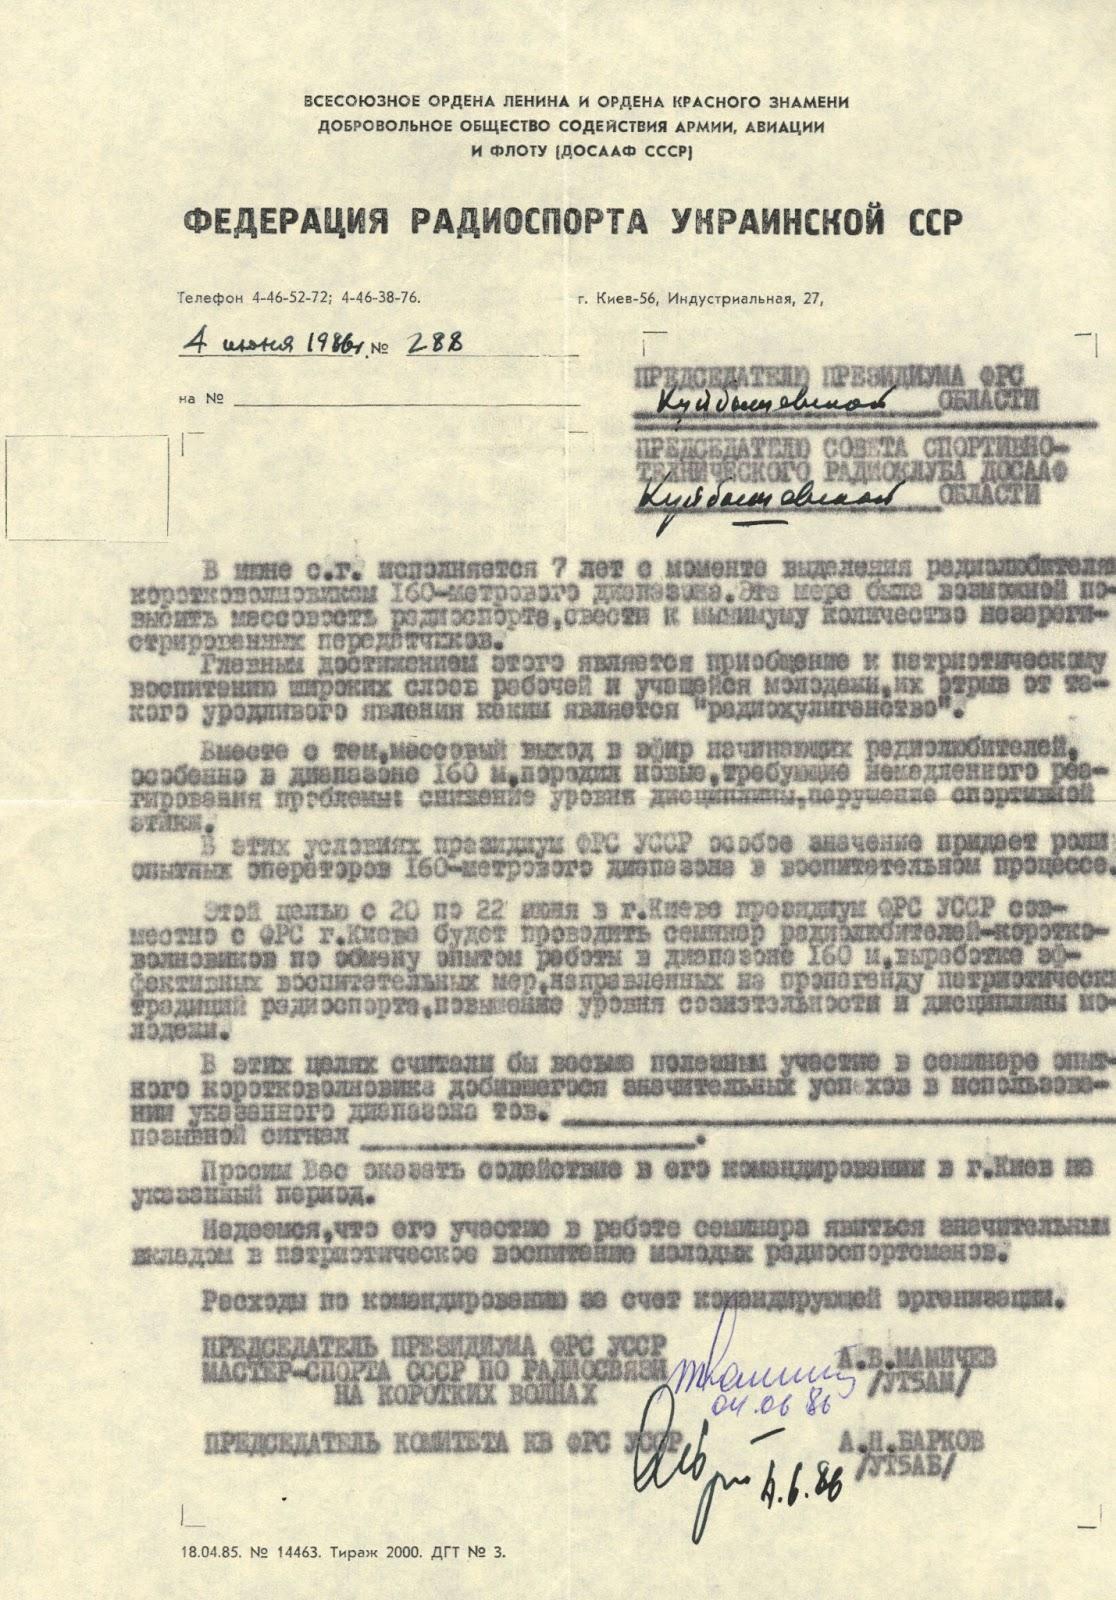 Нажмите на изображение для увеличения.  Название:UA4HBW-priglashenie-wstrecha-1986.jpg Просмотров:383 Размер:400.0 Кб ID:103855